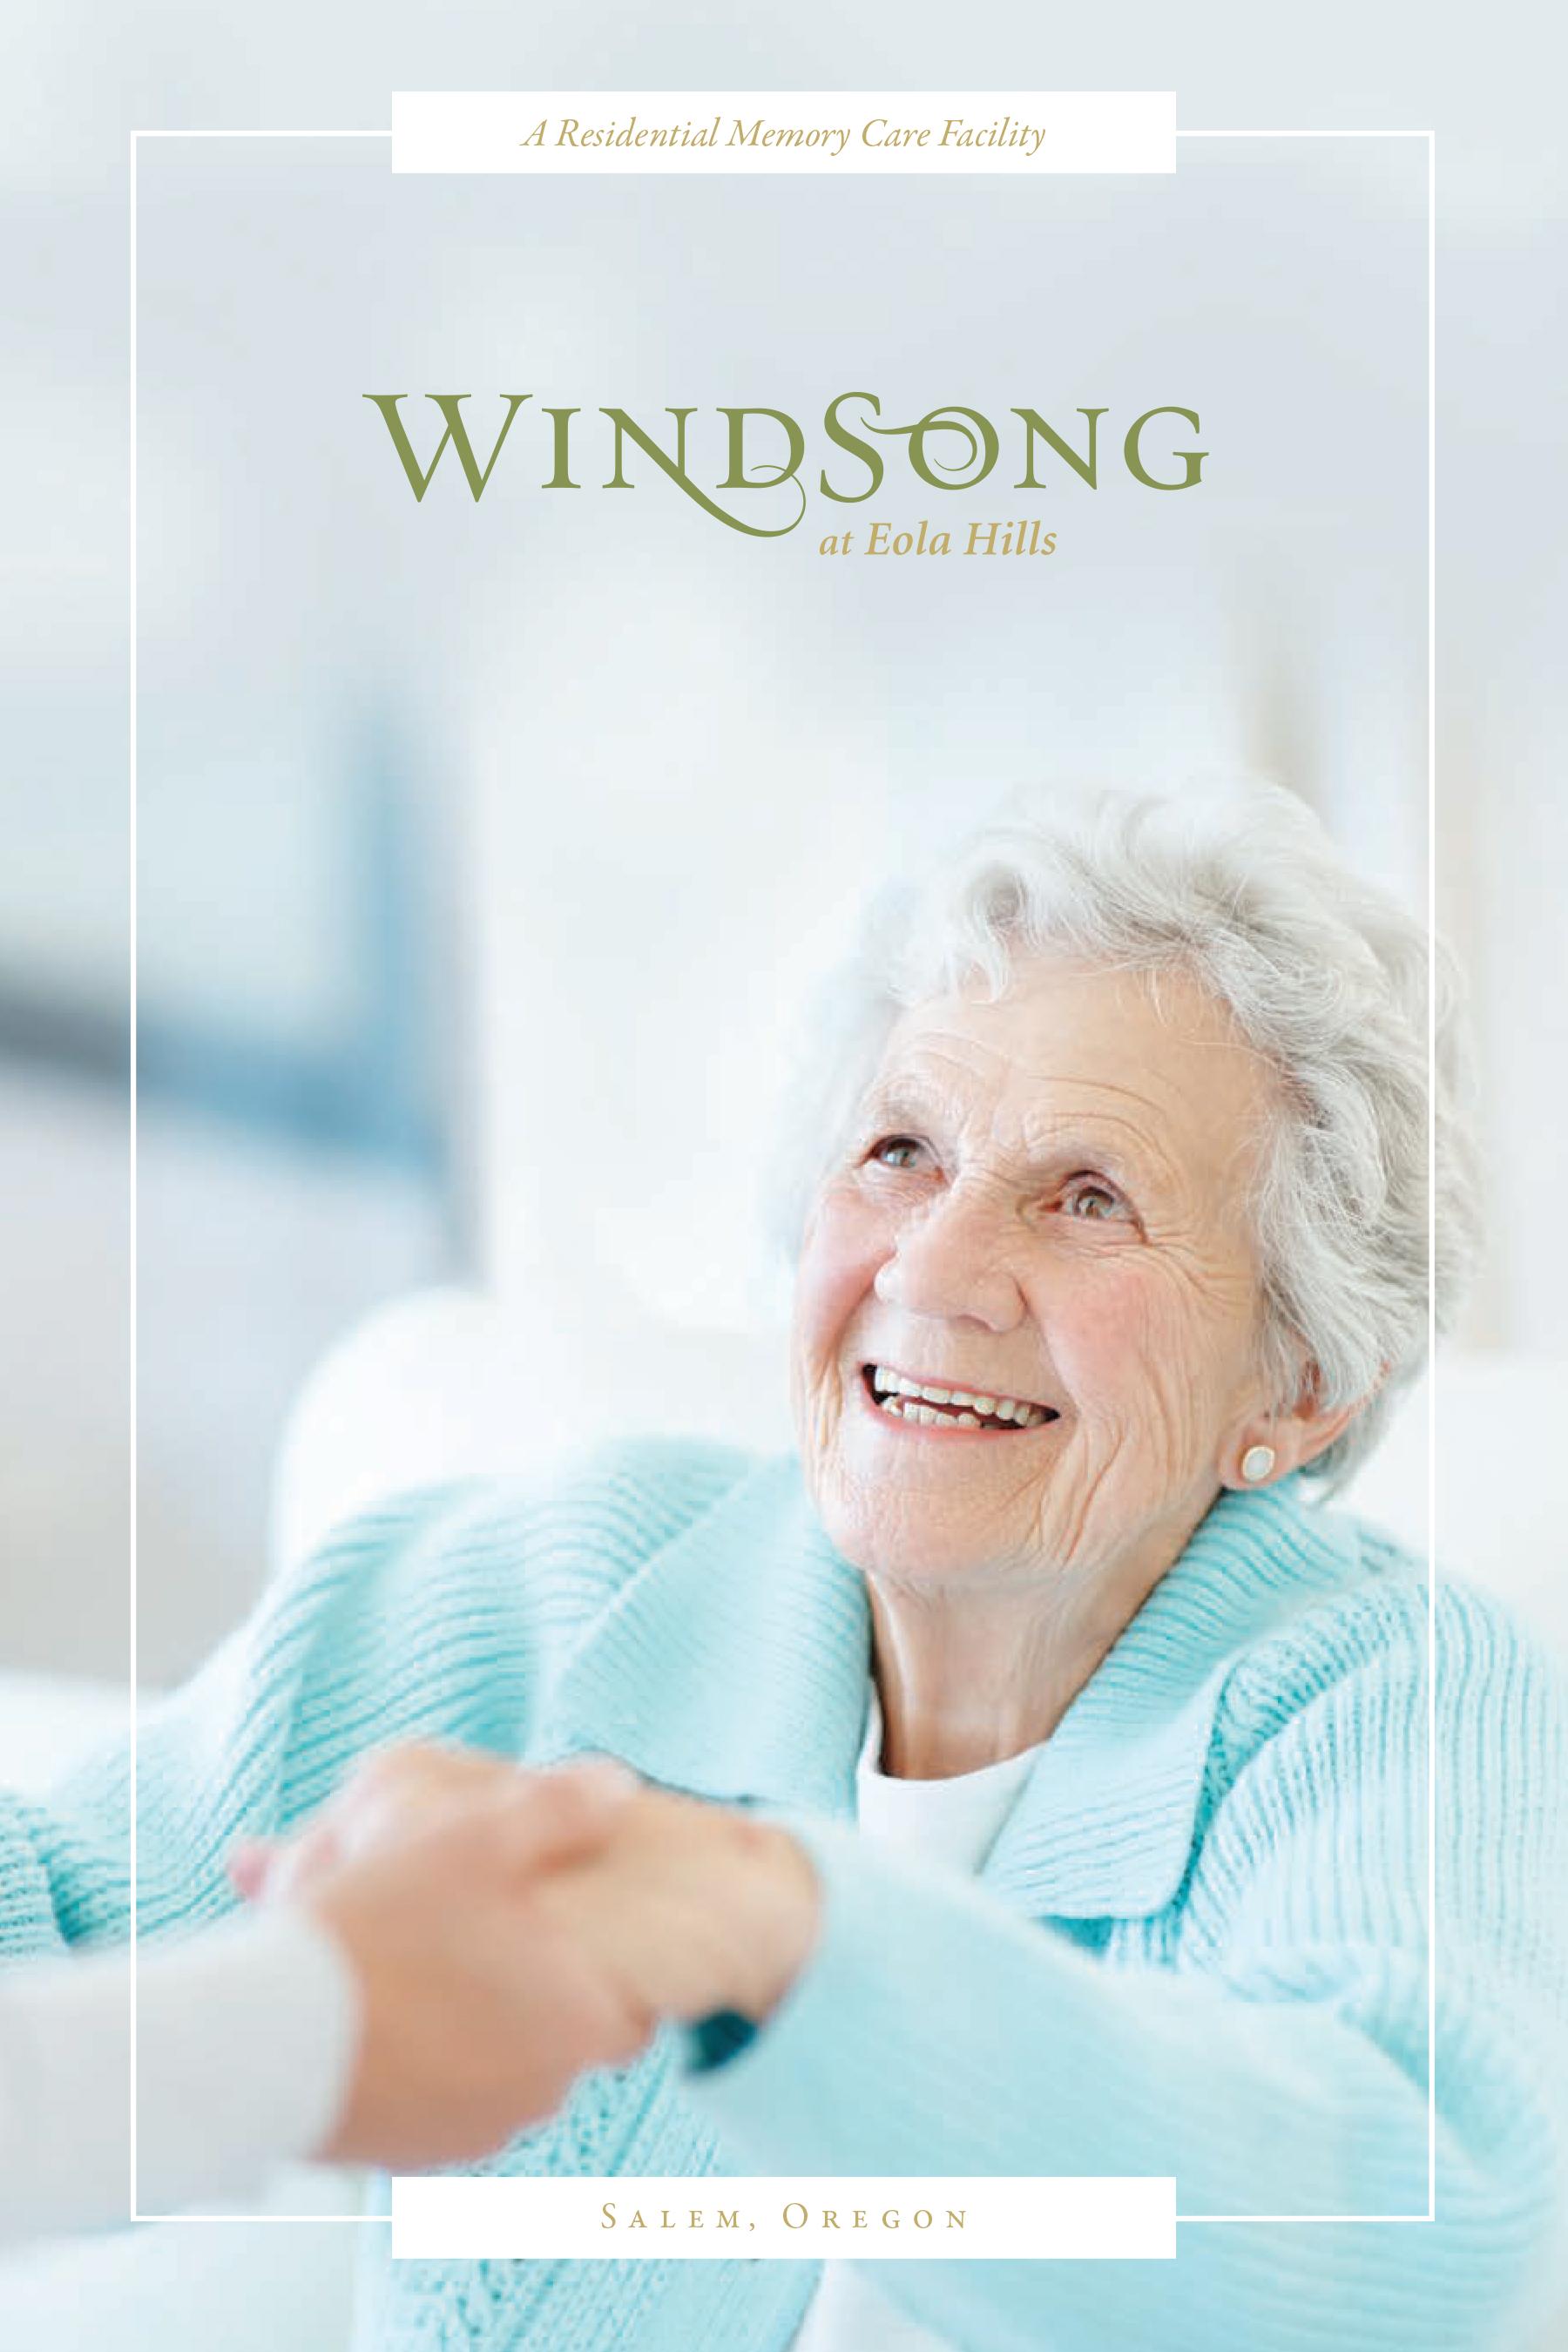 Windsong Senior Living